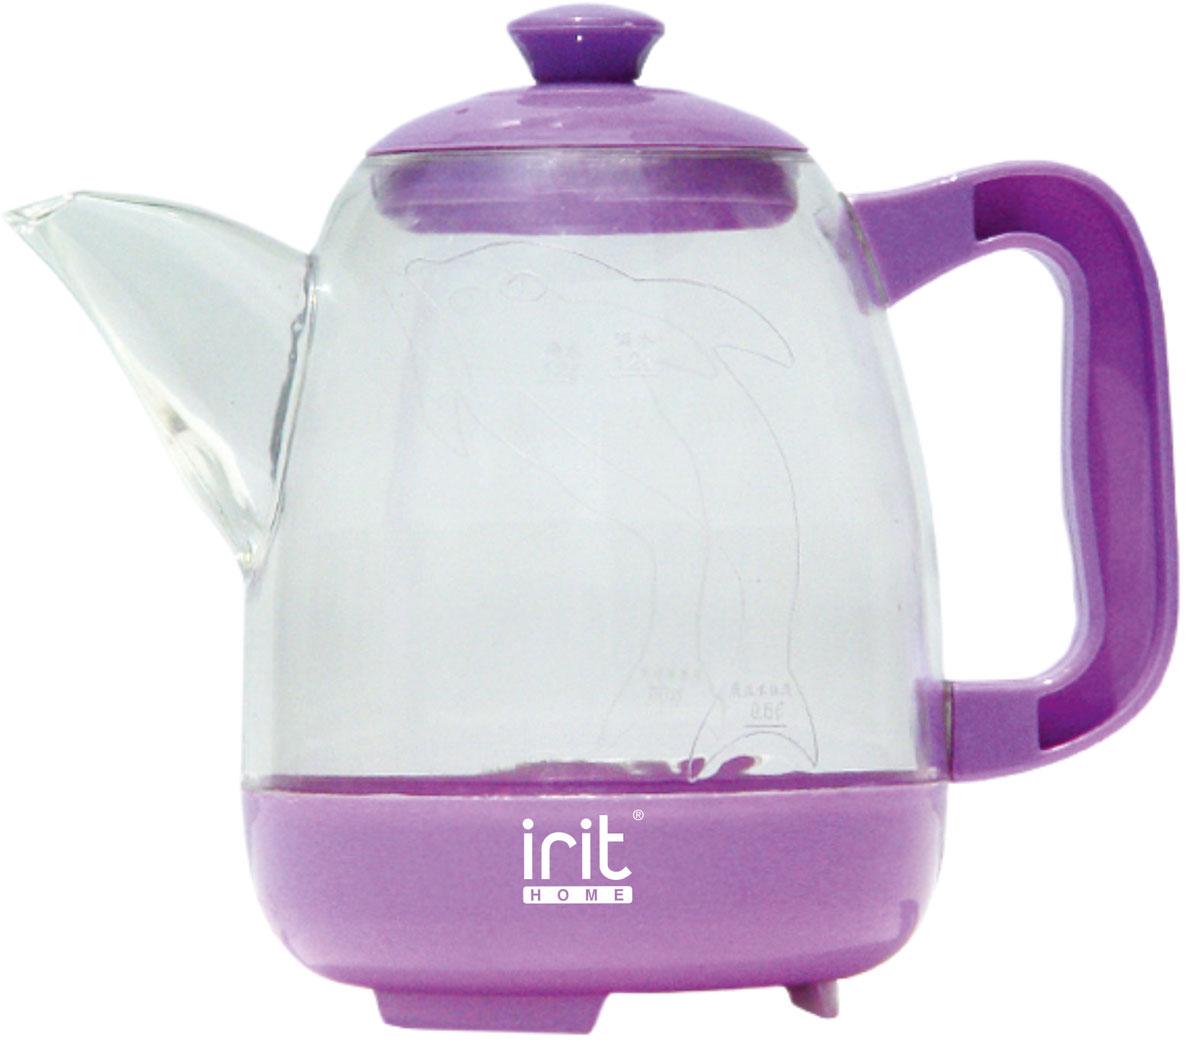 Irit IR-1125 электрический чайник79 02593Электрический чайник Irit IR-1125 прост в управлении и долговечен в использовании. Корпус изготовлен из термостойкого пластика. Мощность 600 Вт быстро вскипятит 1,2 литра воды.